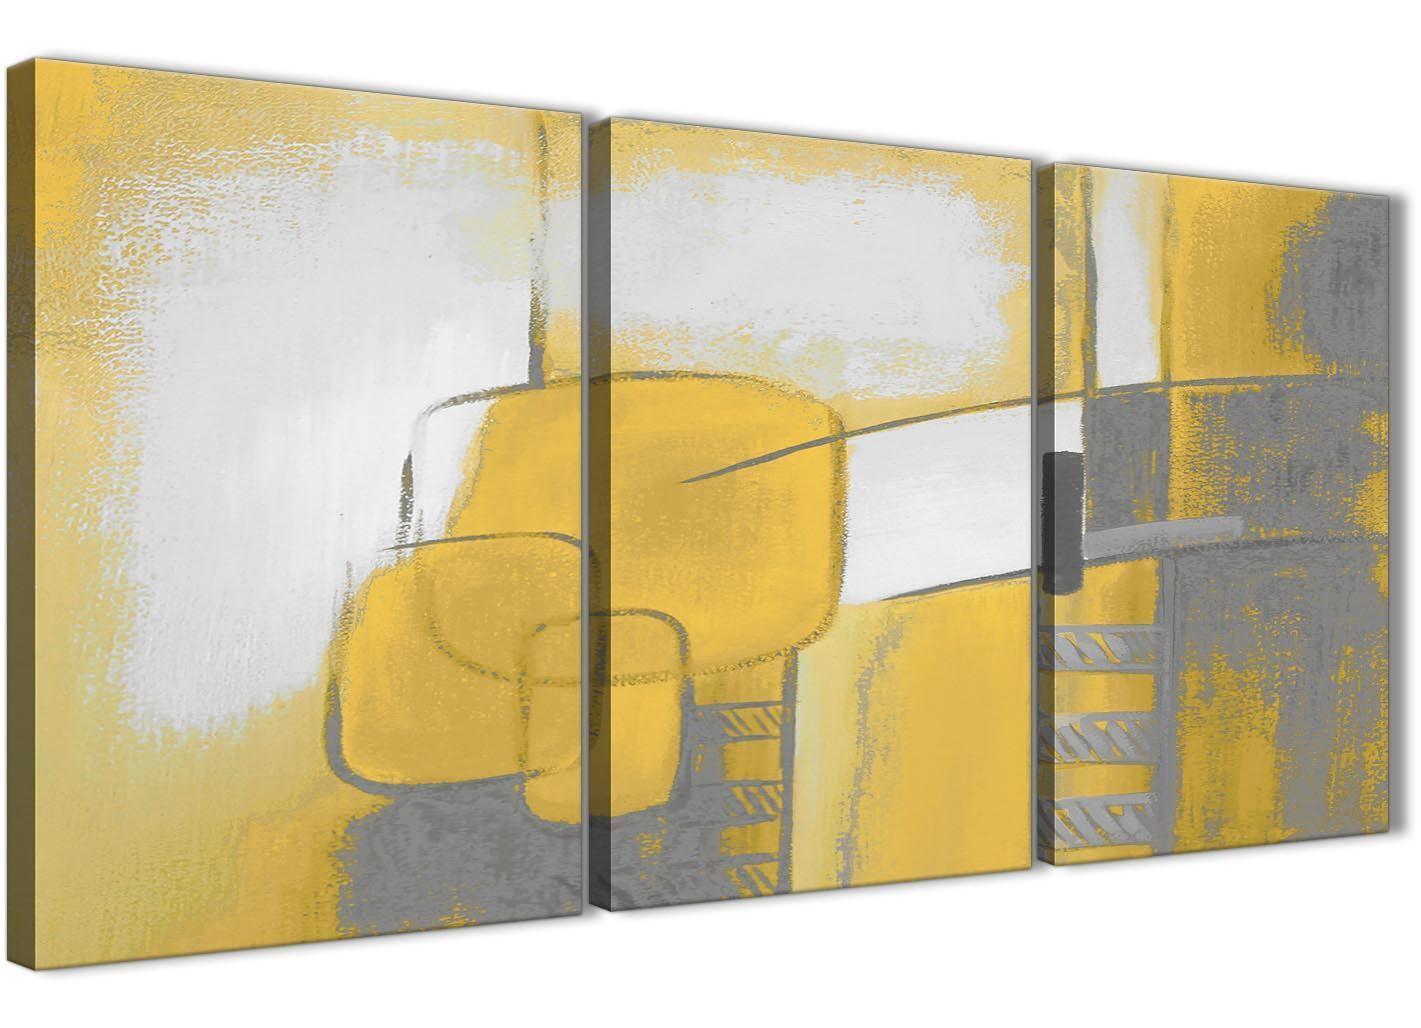 3 Pannello Giallo Senape Grigio DIPINTO CAMERA DA LETTO ARTE in Tela-ASTRATTO 3419 - 126cm